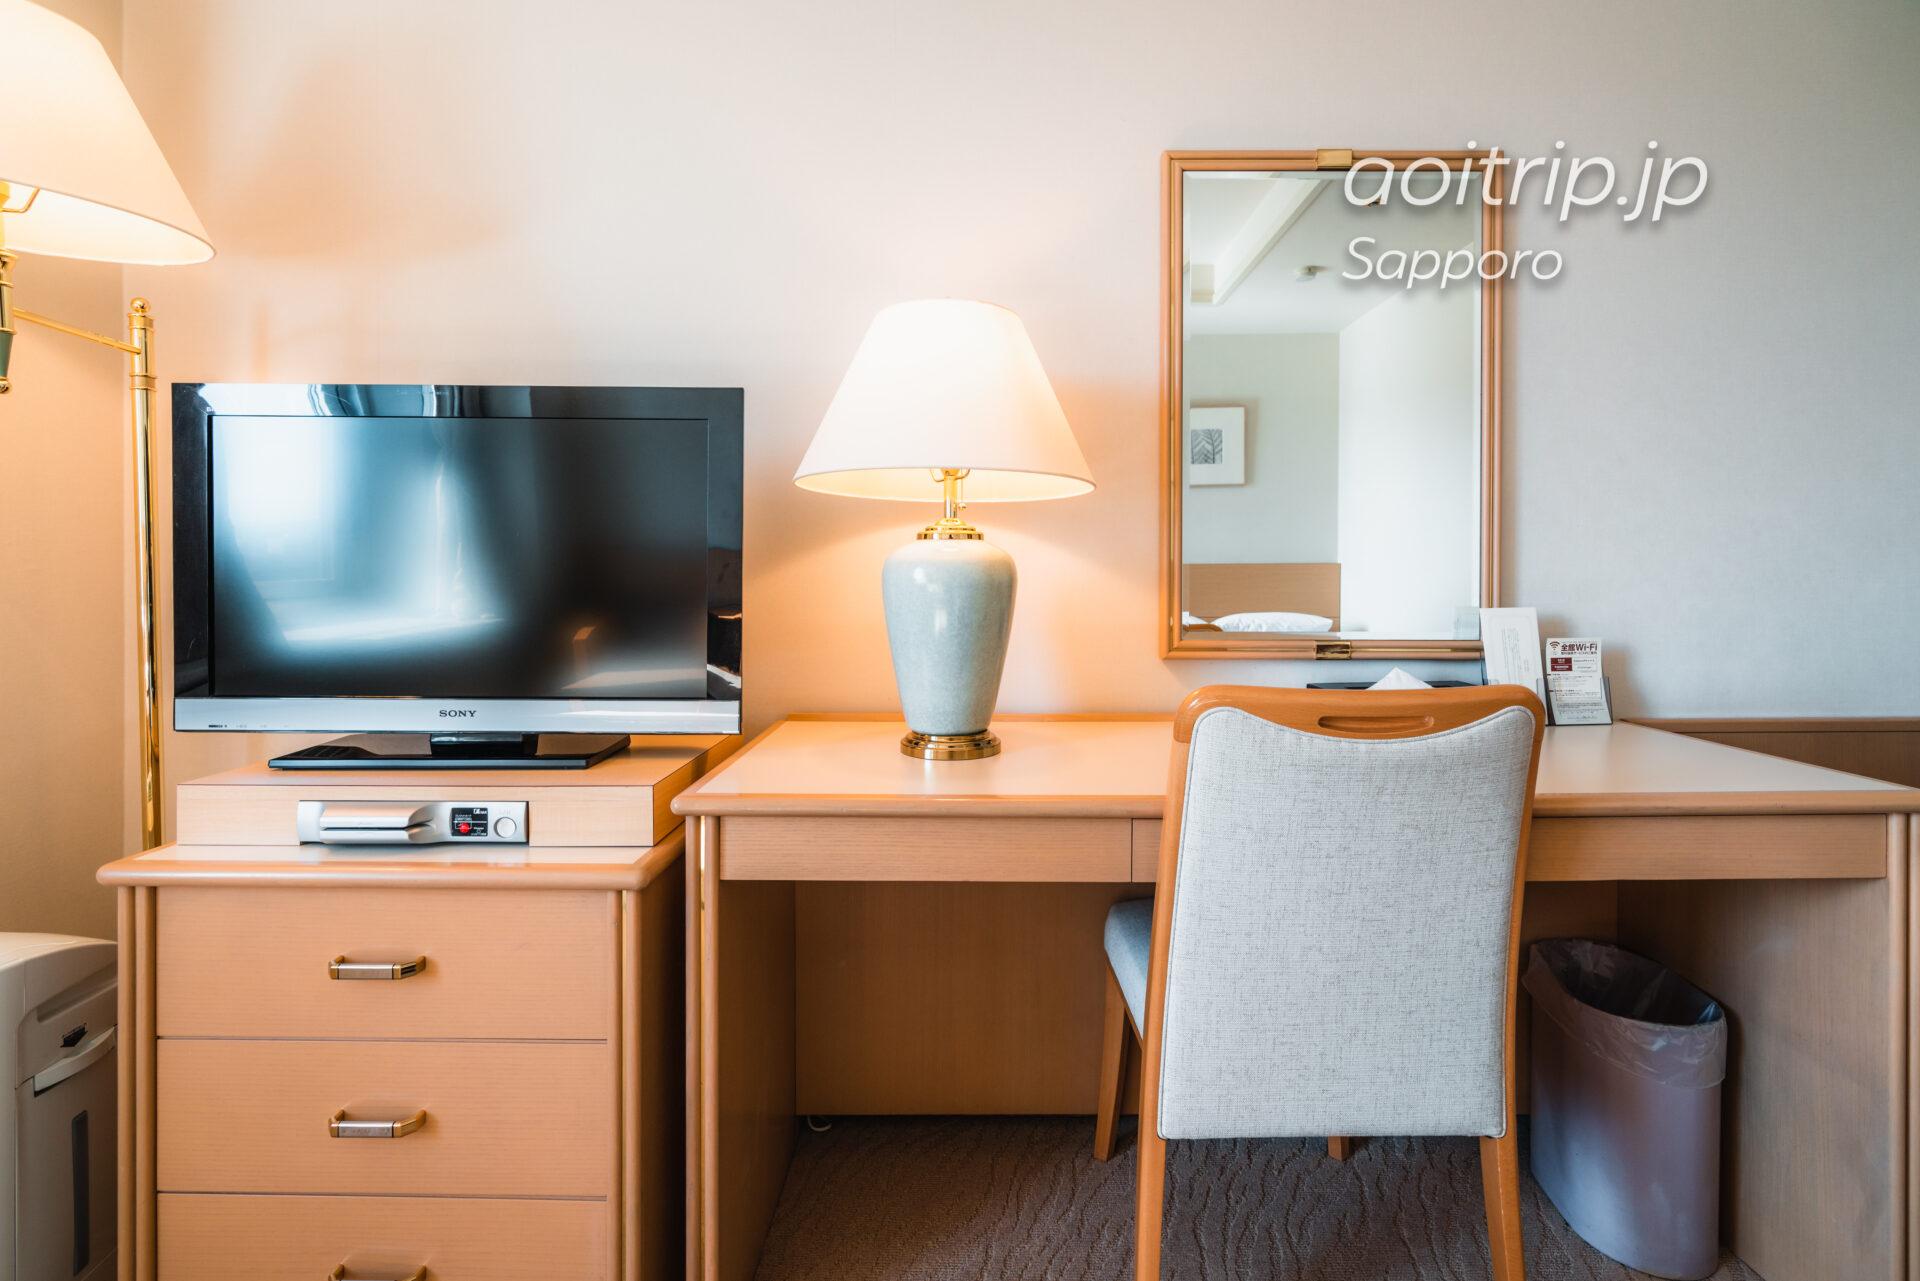 札幌パークホテルの客室 スーペリアクイーンダブル Superior Queen Double Room